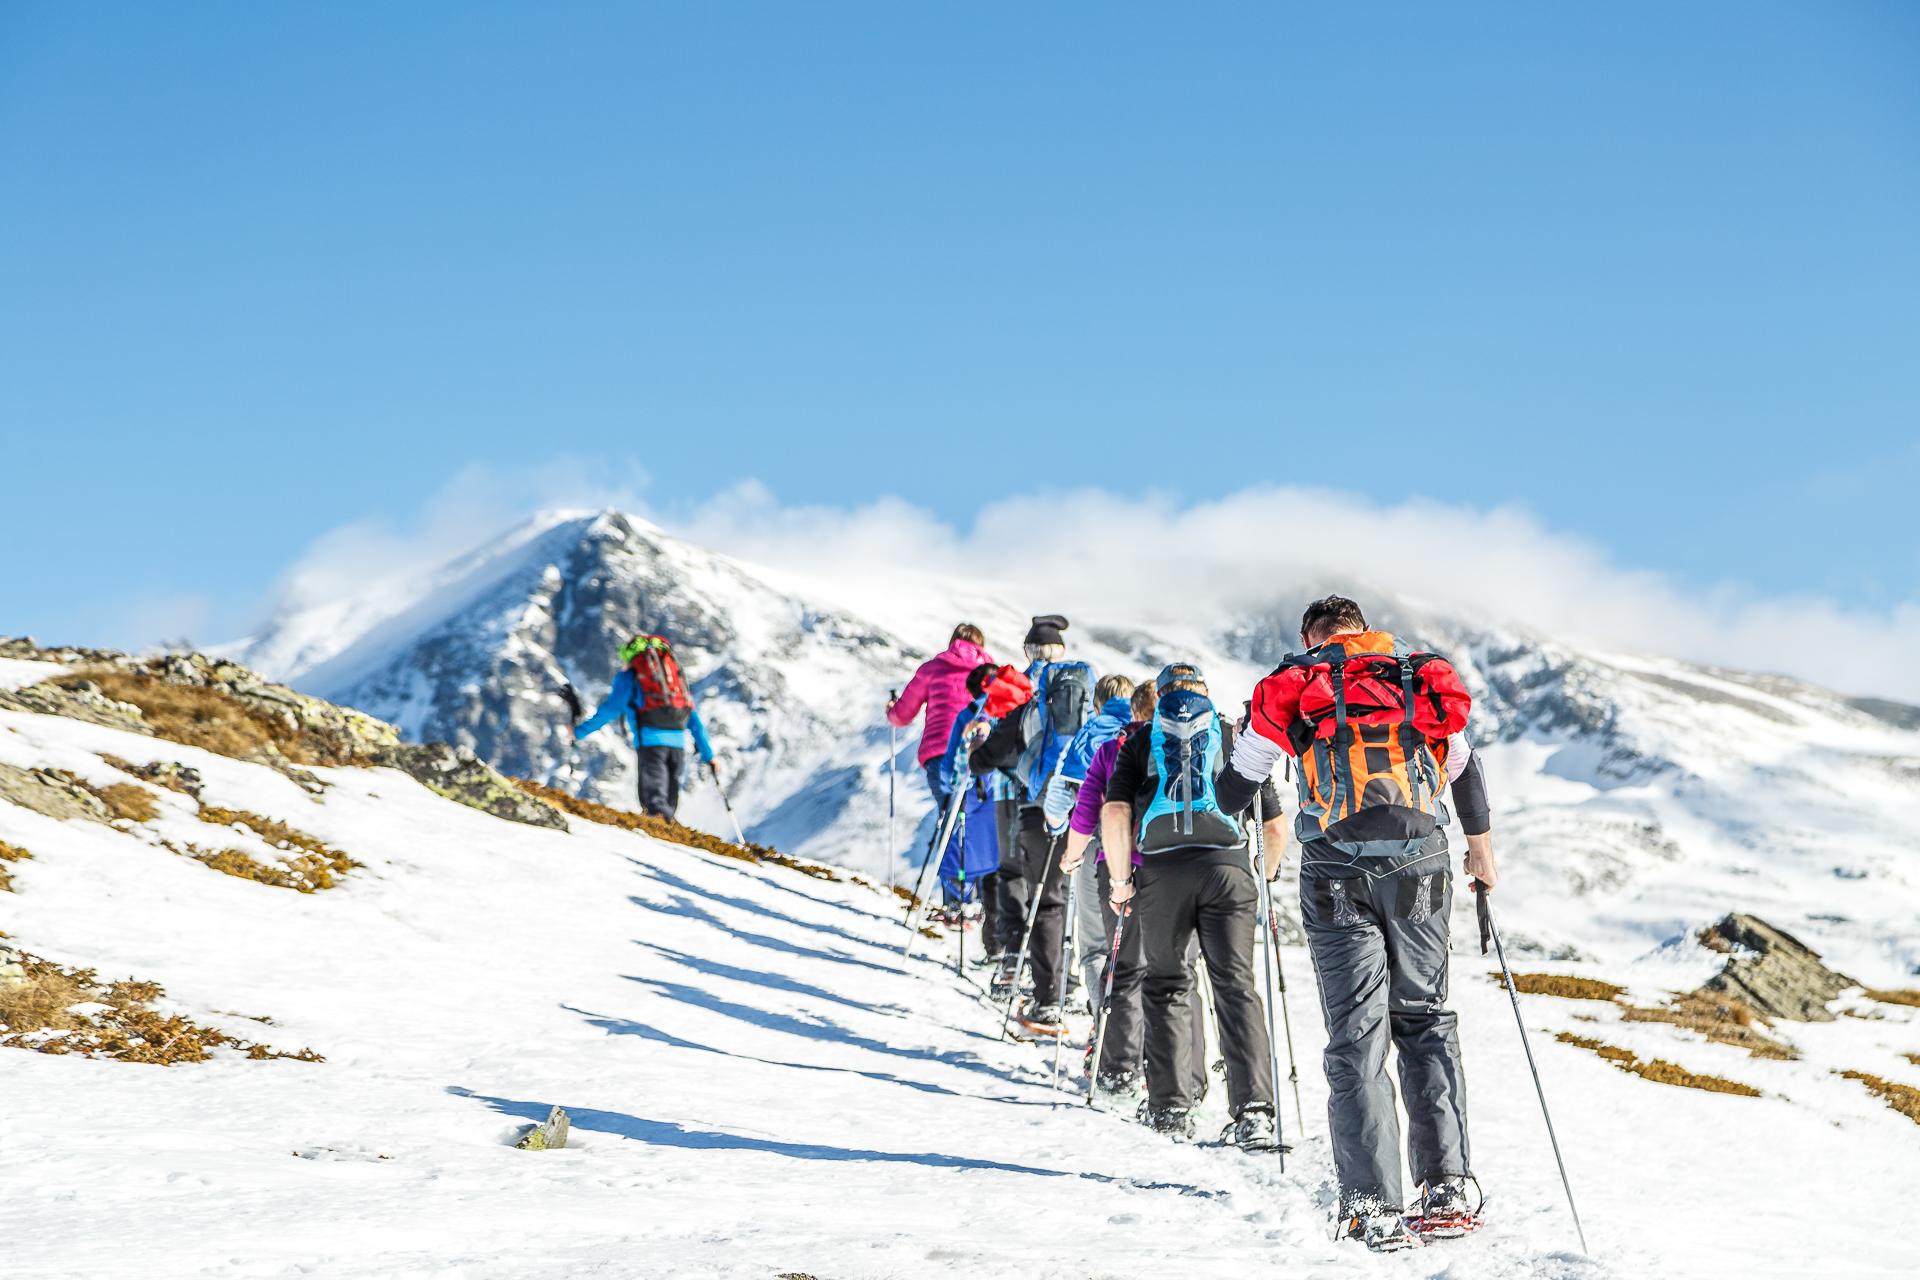 Gefuehrte-Schneeschuhtour-Visperterminen